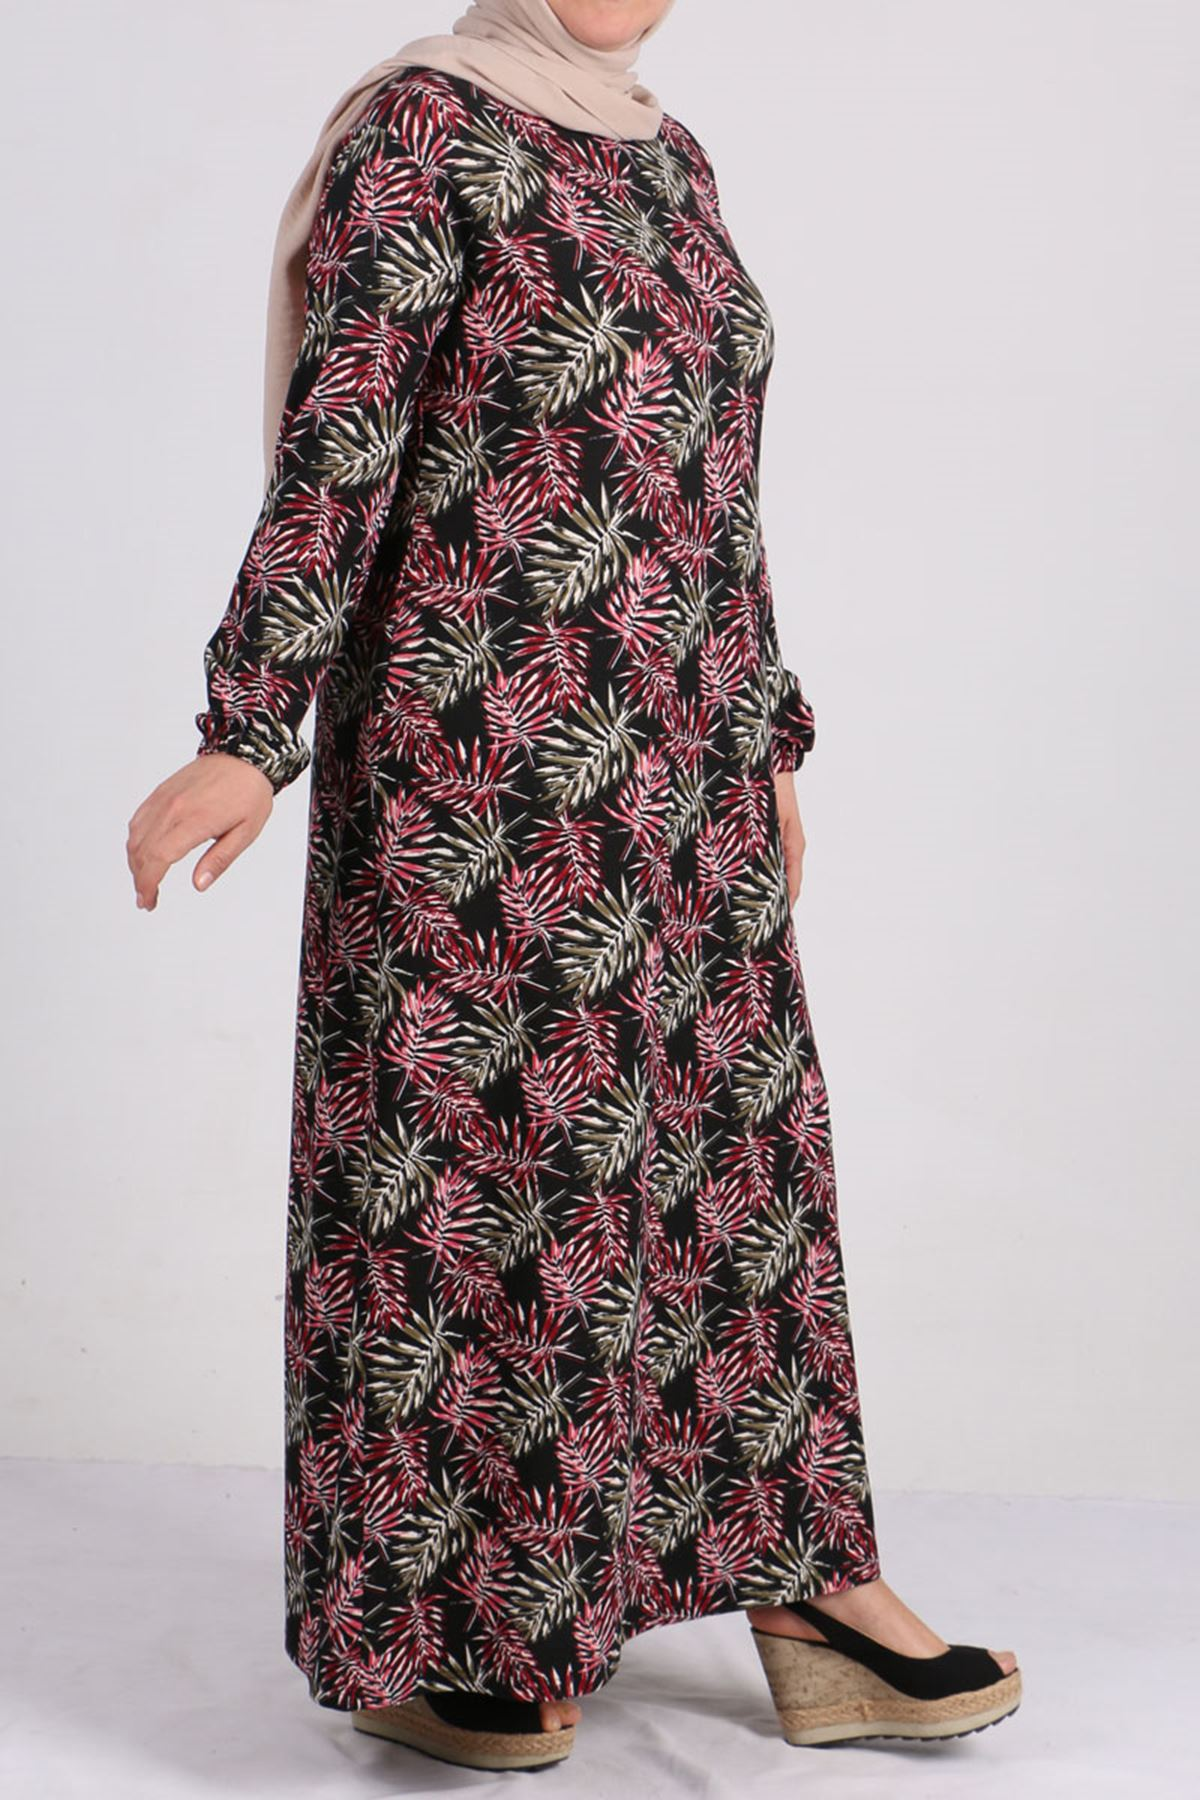 2093 Büyük Beden Örme Krep Kolu Lastikli Elbise - Bordo Yapraklı